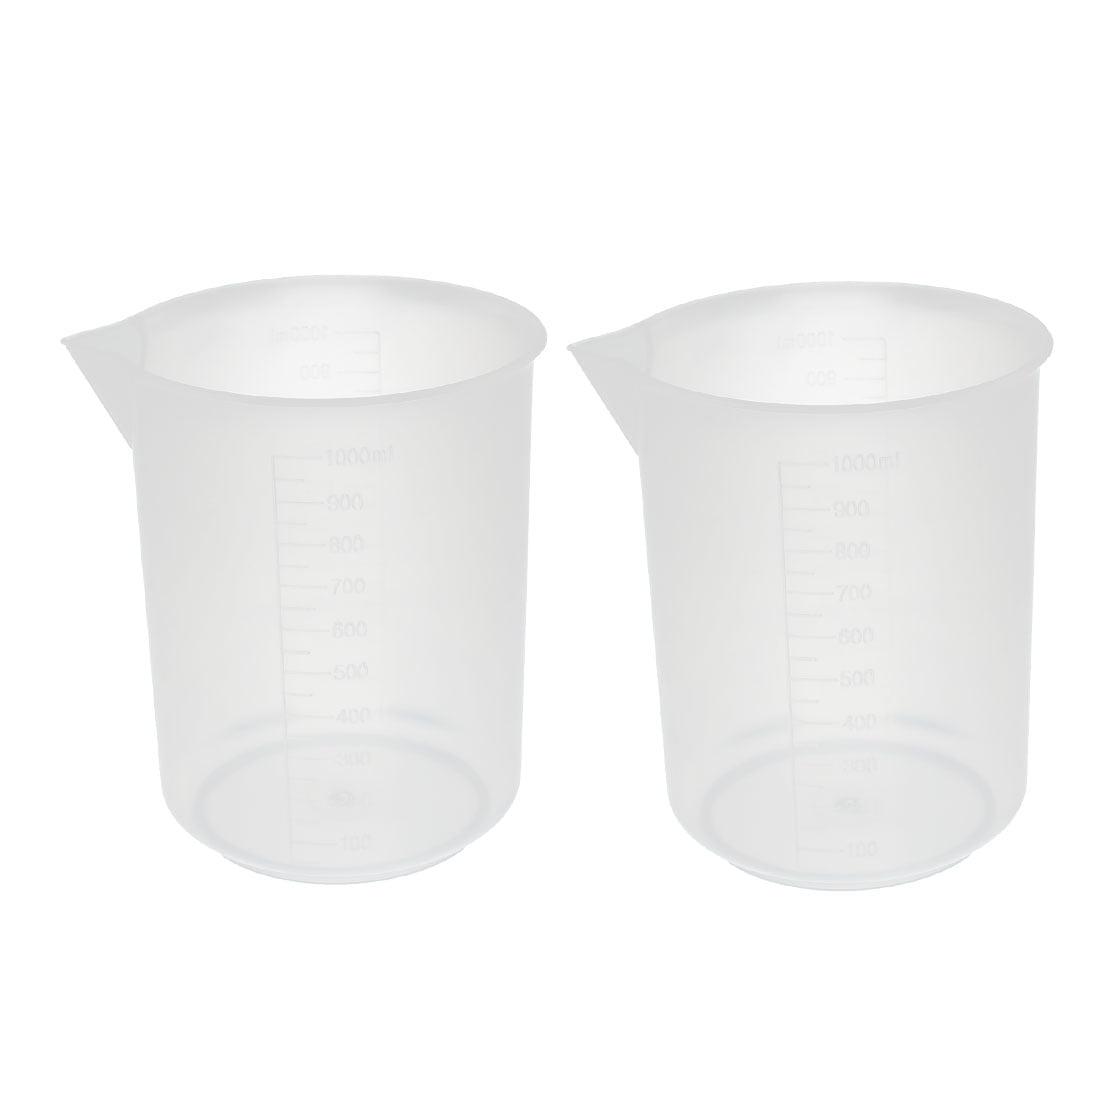 Unique Bargains 2Pcs Kitchen Labotary 1000mL Plastic Measuring Cup Jug Pour Spout Container by Unique-Bargains